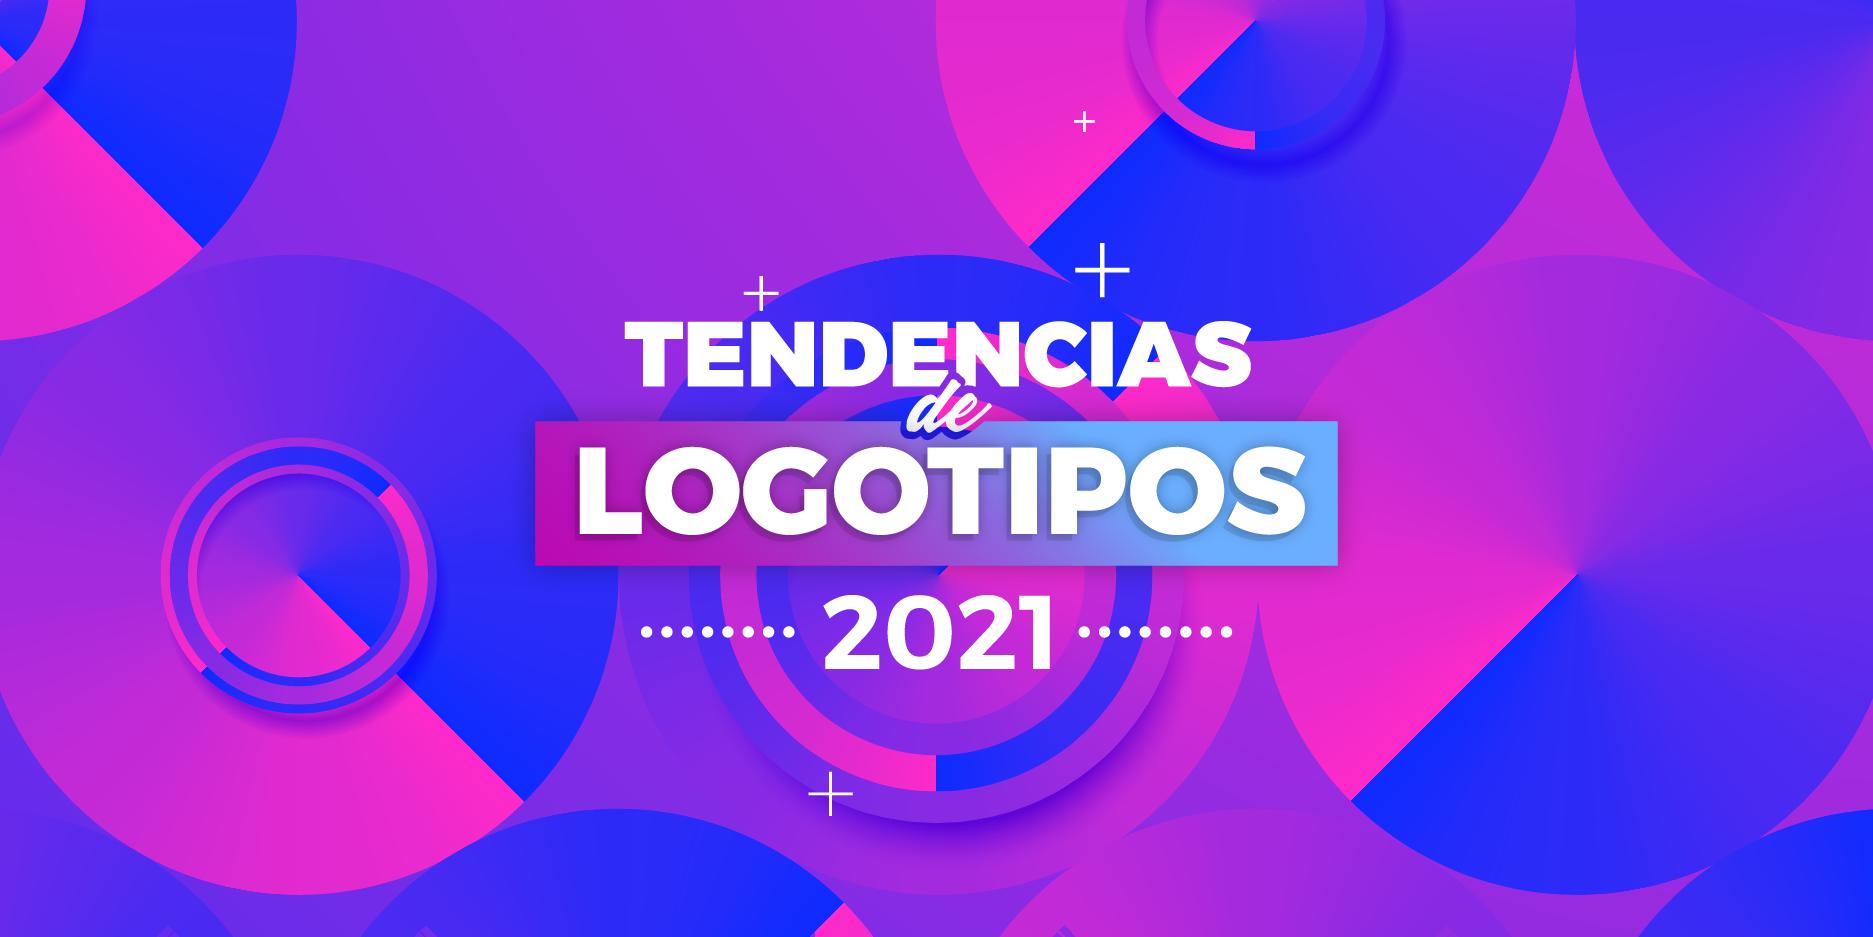 tendencias en diseño de logotipos 2021